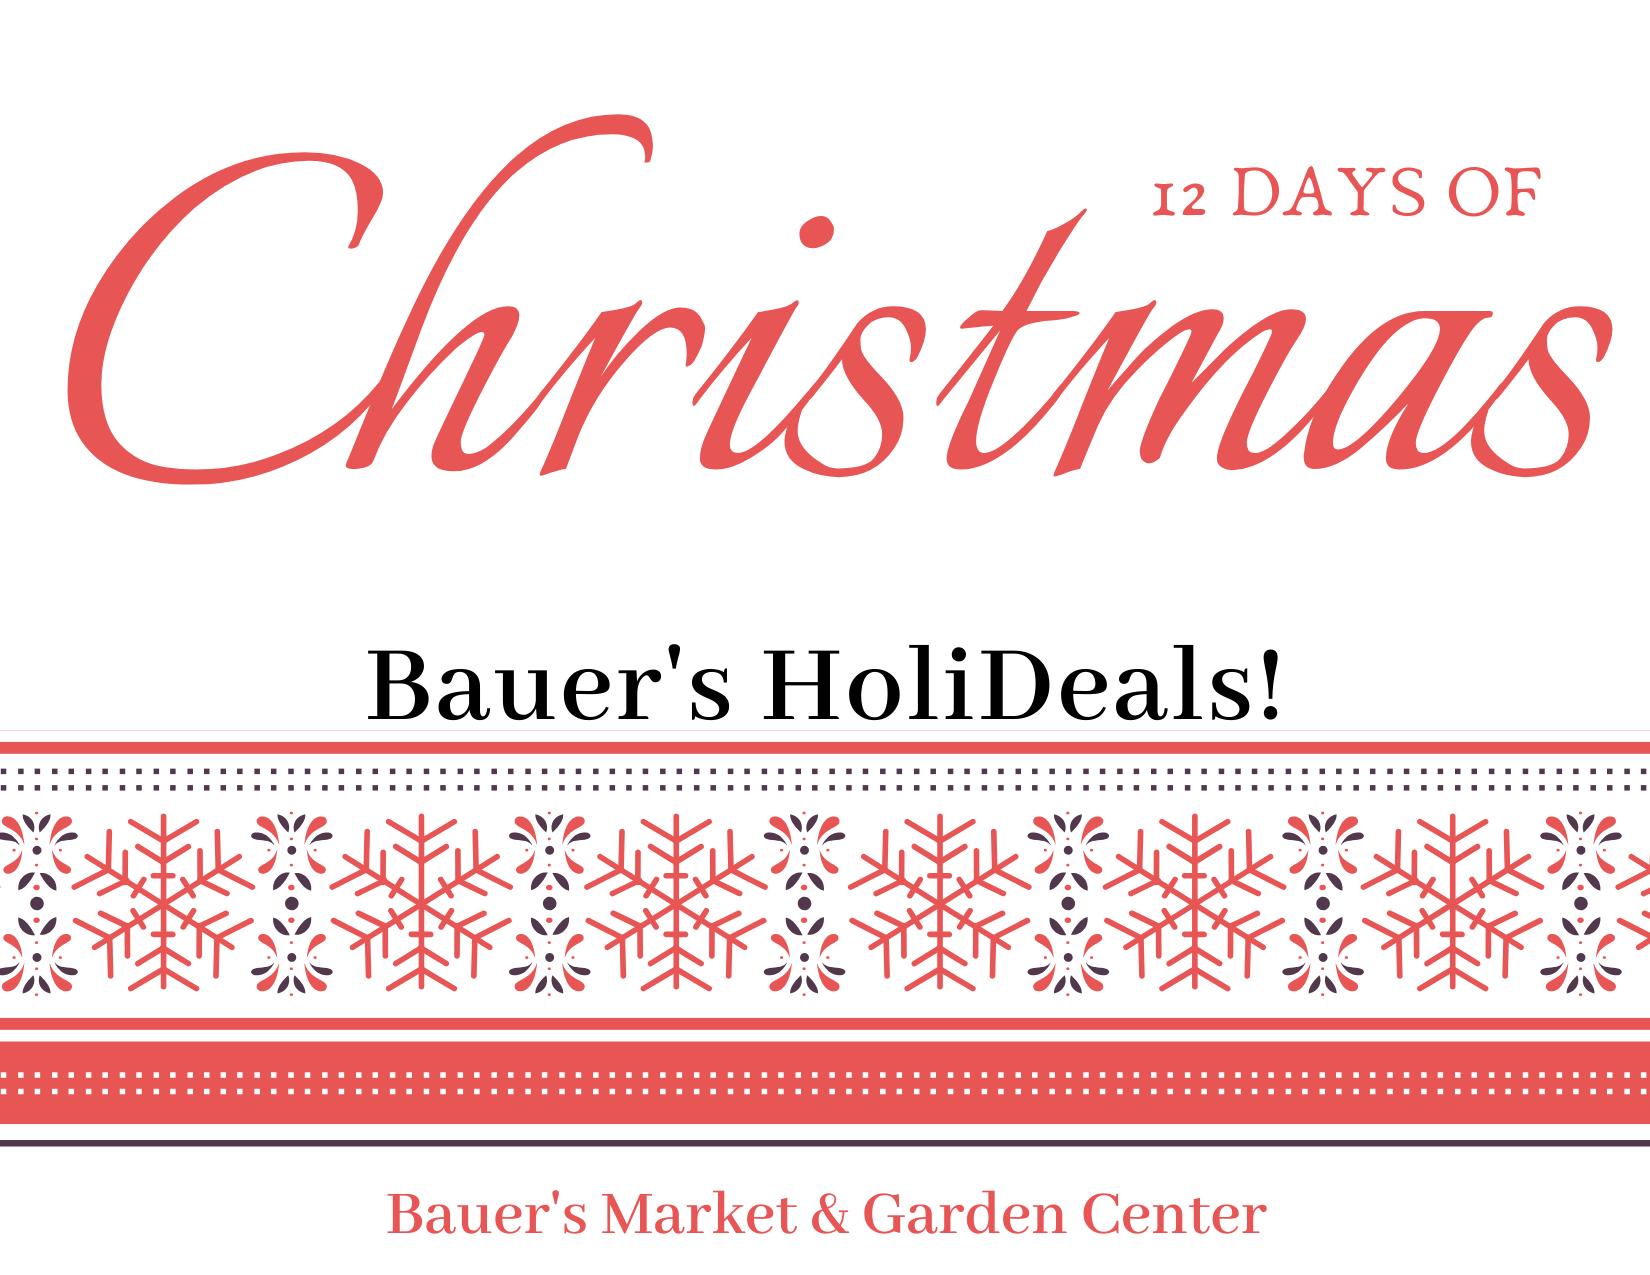 This Week at Bauer's Market & Garden Center   December 2, 2019